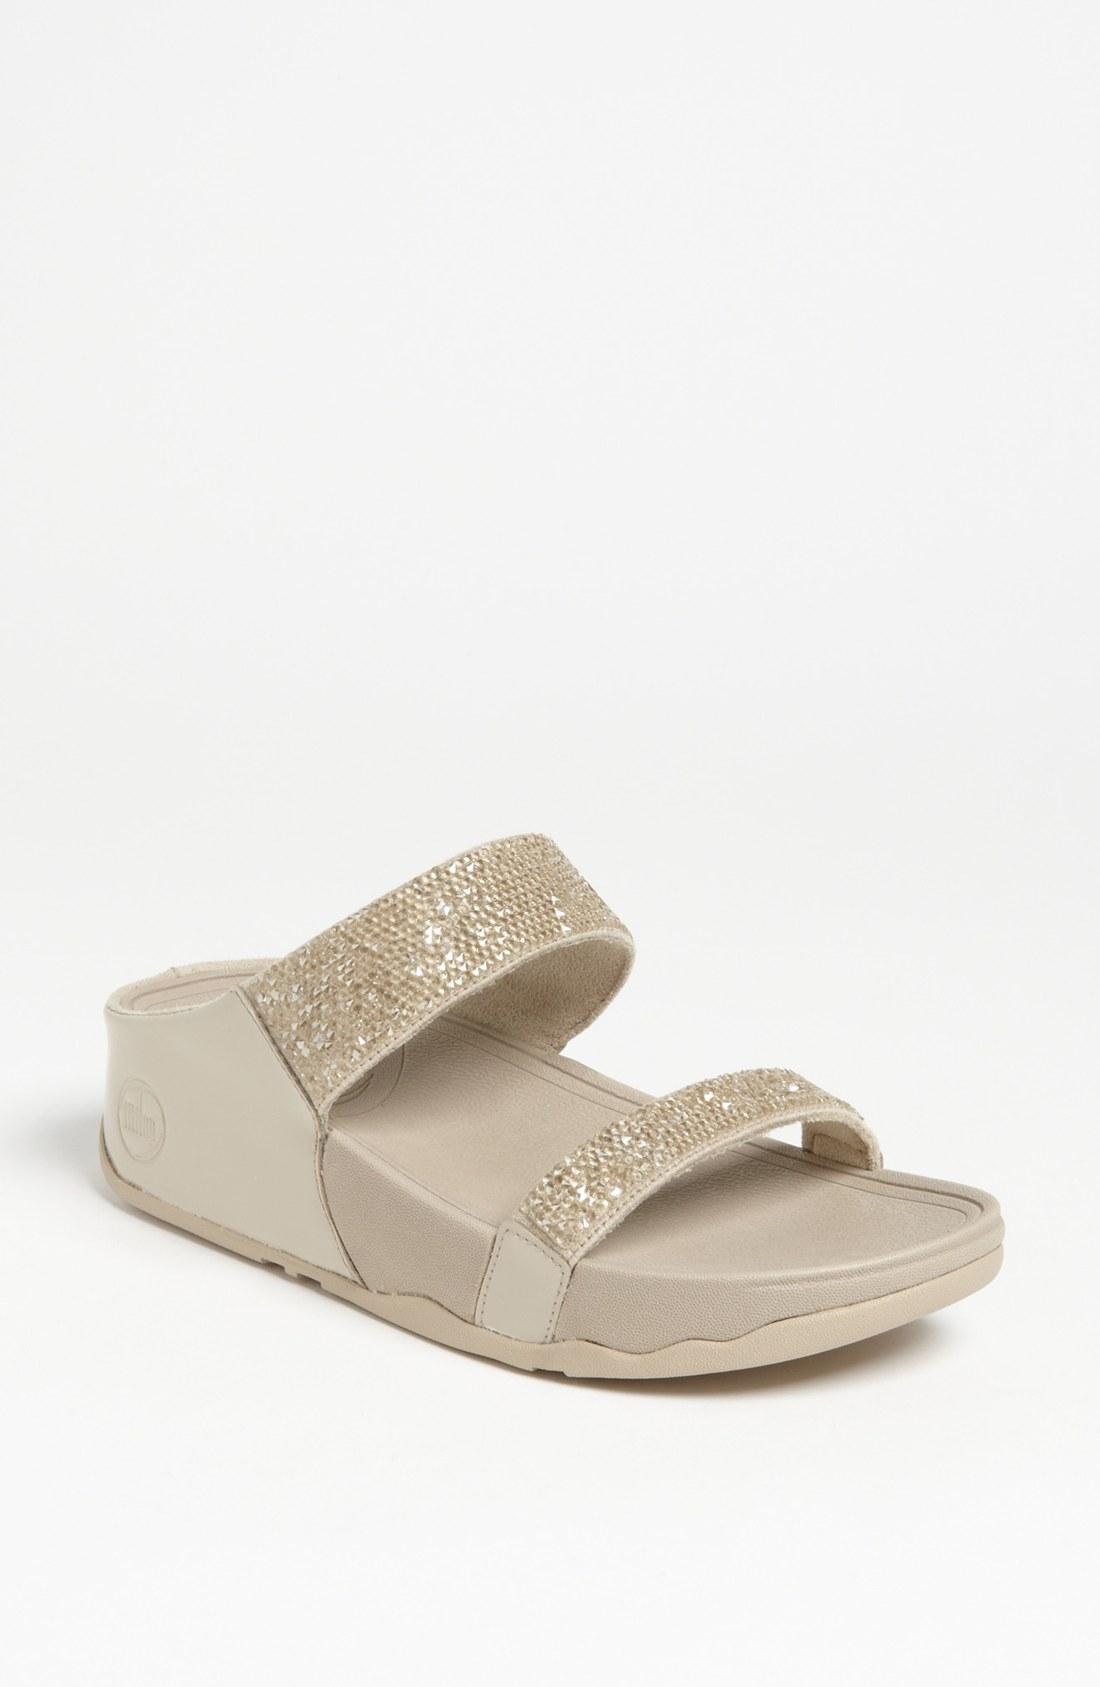 4baf8cd9895e Fitflop Fleur Sandal With Backstrap